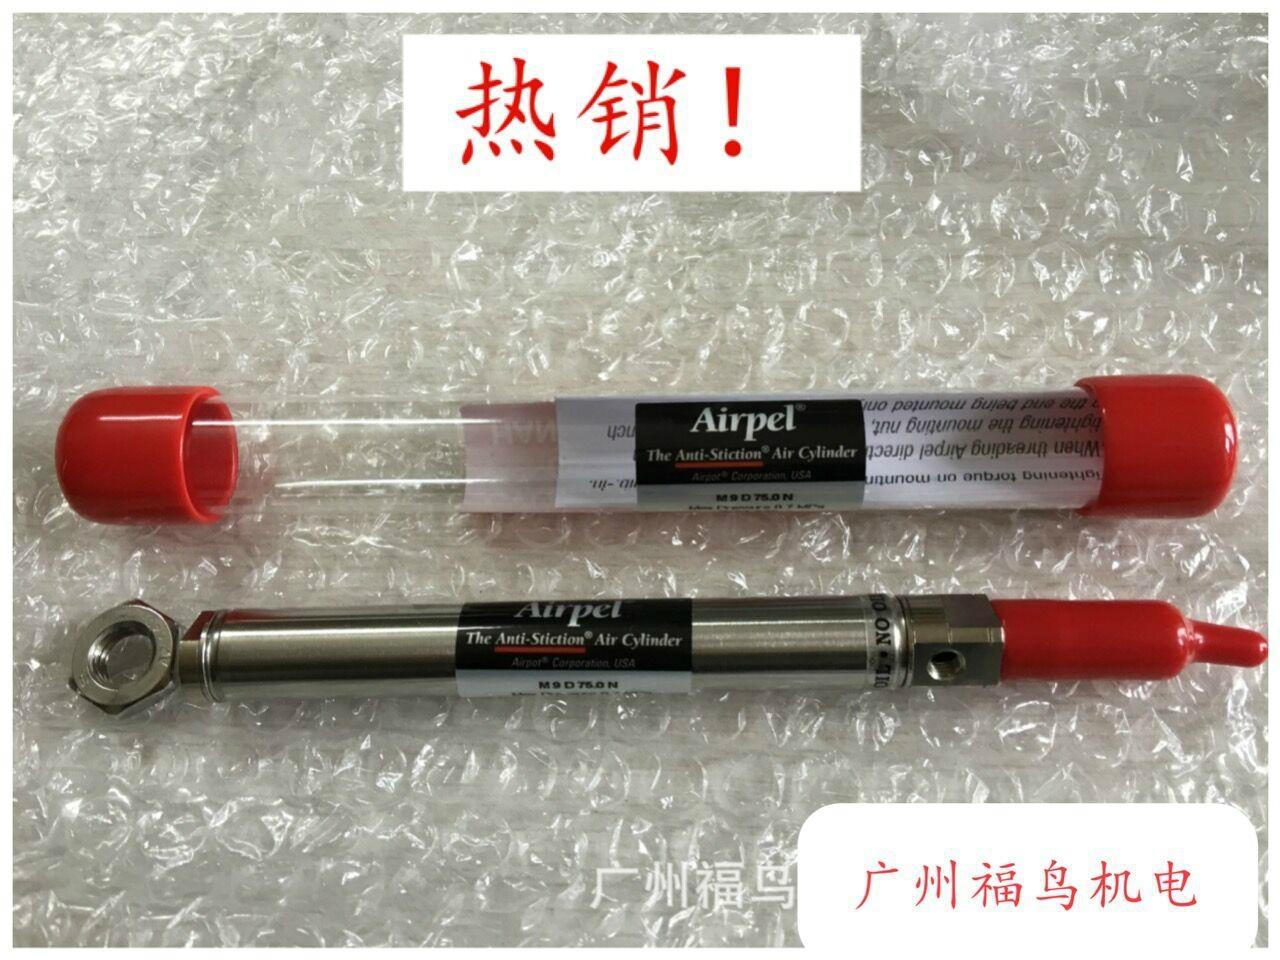 AIRPEL玻璃氣缸, 型號: M9D75.0N